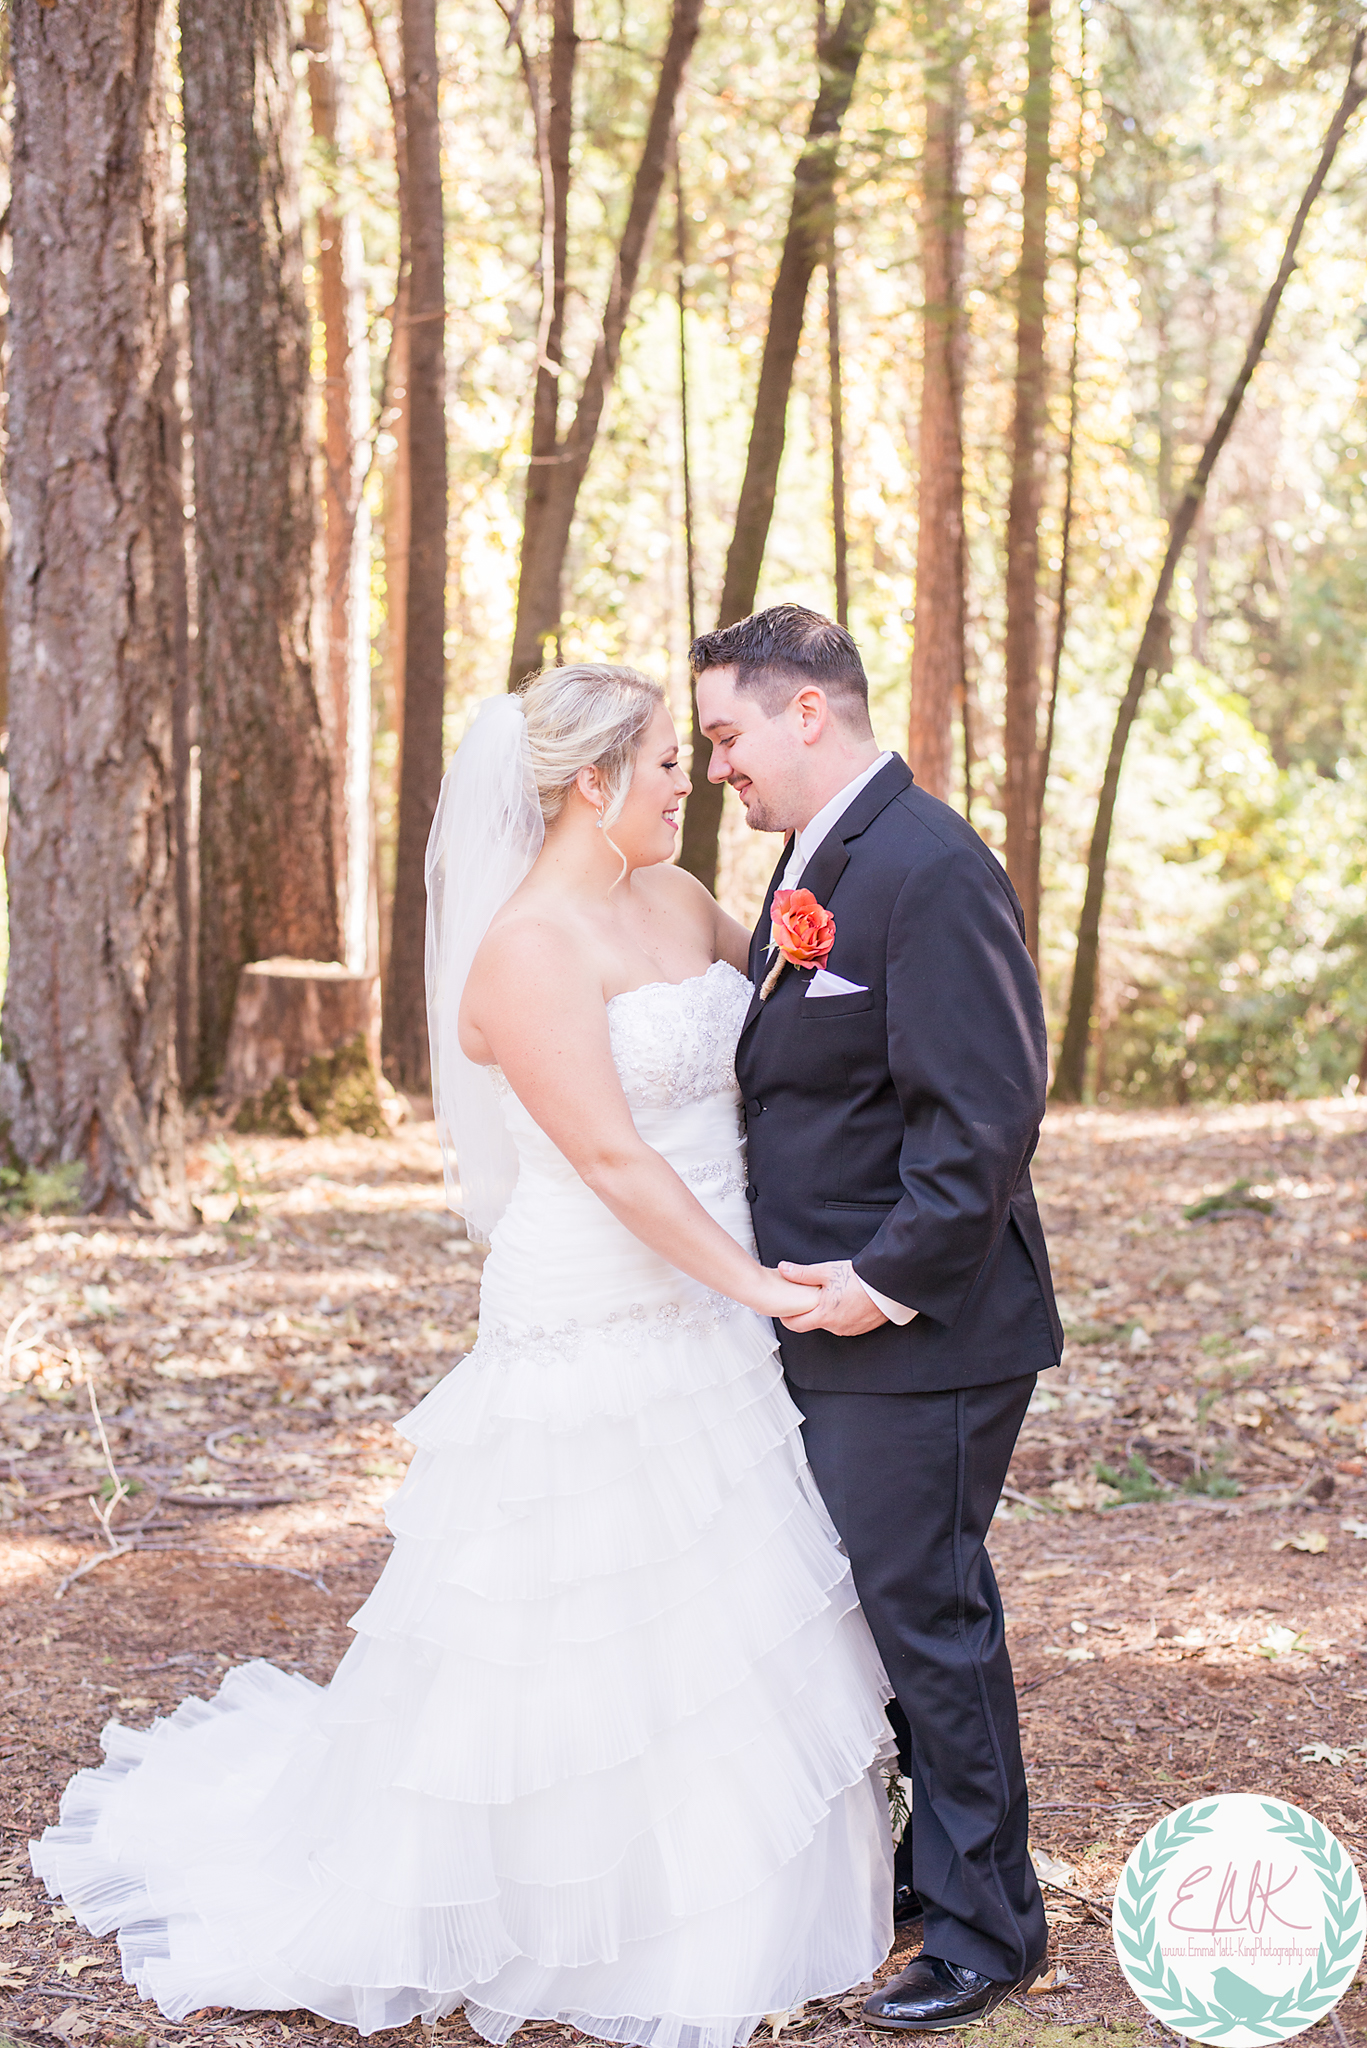 Waters Wedding EMKPhotography -14.jpg